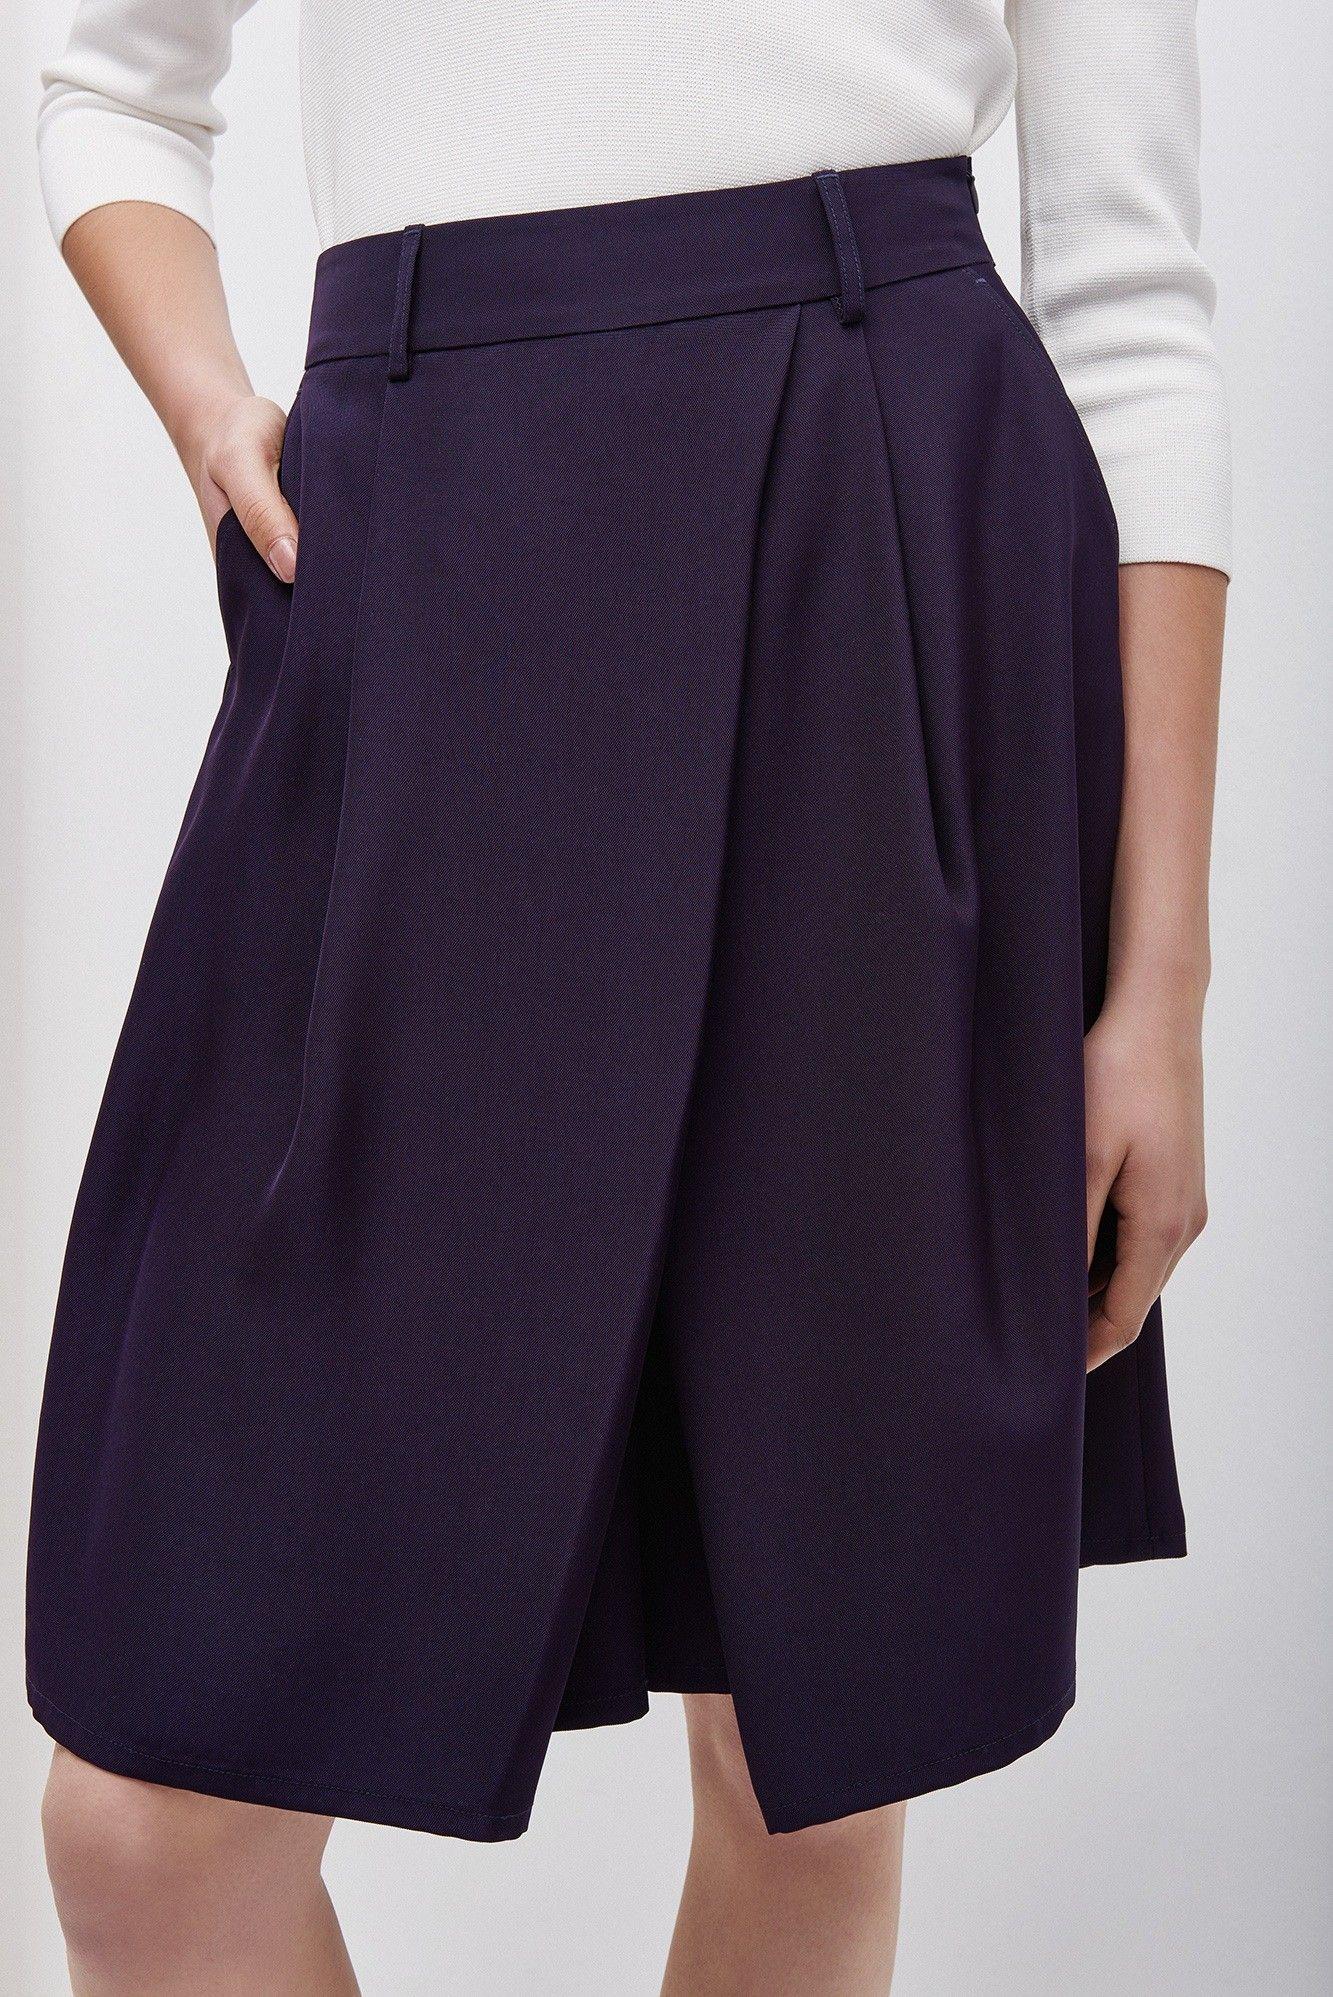 85d4bfa94 Falda-pantalón de corte fluido | Adolfo Dominguez shop online | Mis ...